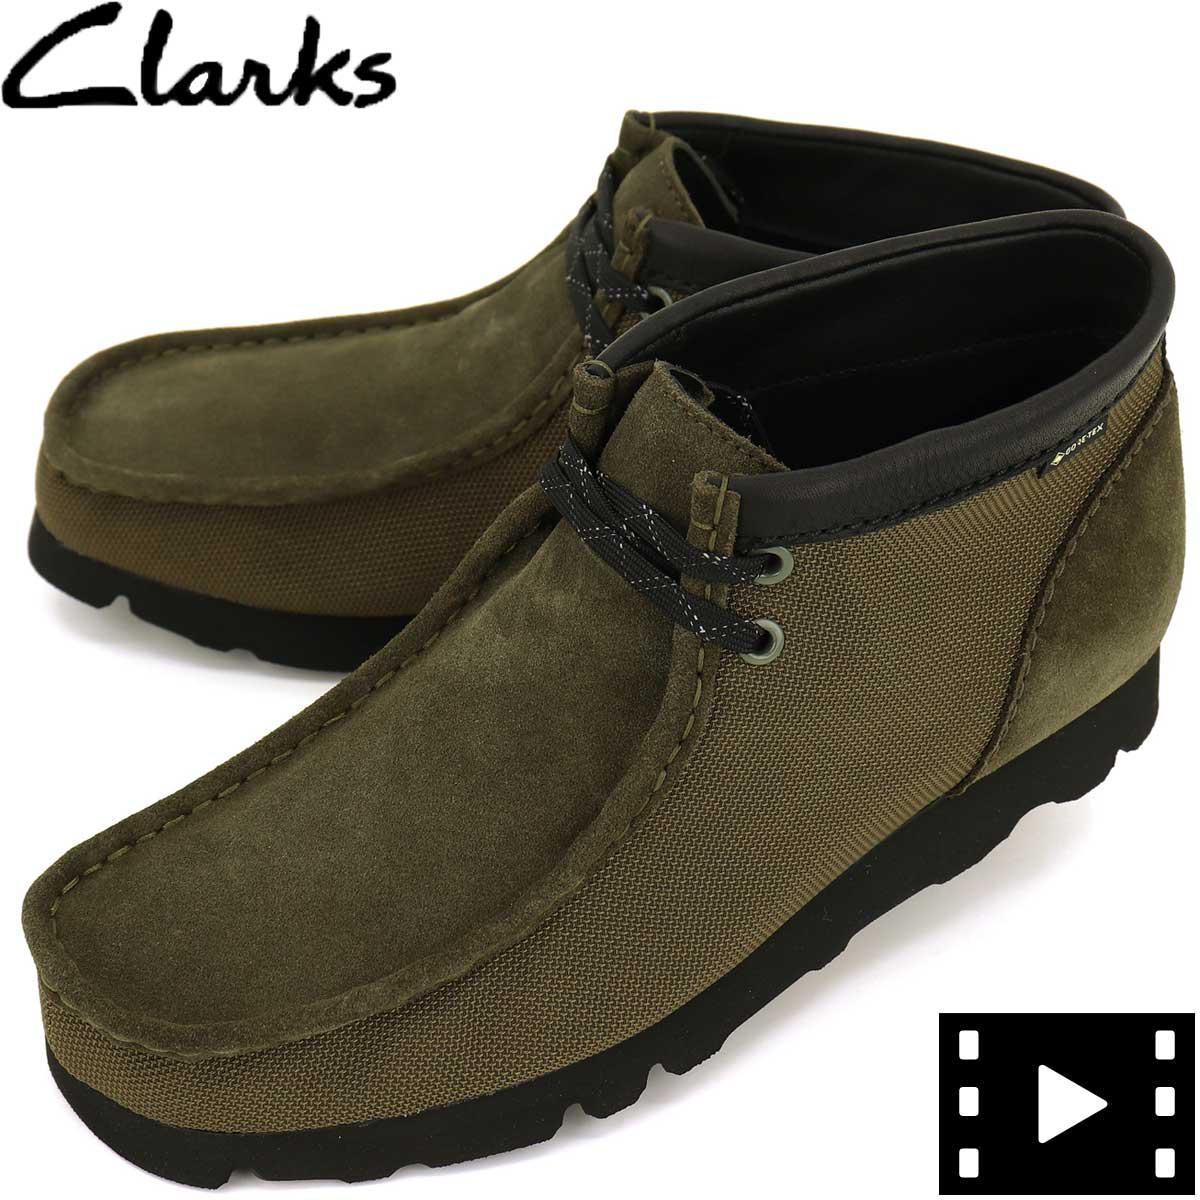 クラークス オリジナルズ CLARKS ORIGINALS メンズ ゴアテックス バリスティックナイロン×スエード×レザー ワラビーブーツ GORETEX WALLABEE BOOT GTX 26154788 OLIVE TEXTILE(オリーブ)秋冬新作